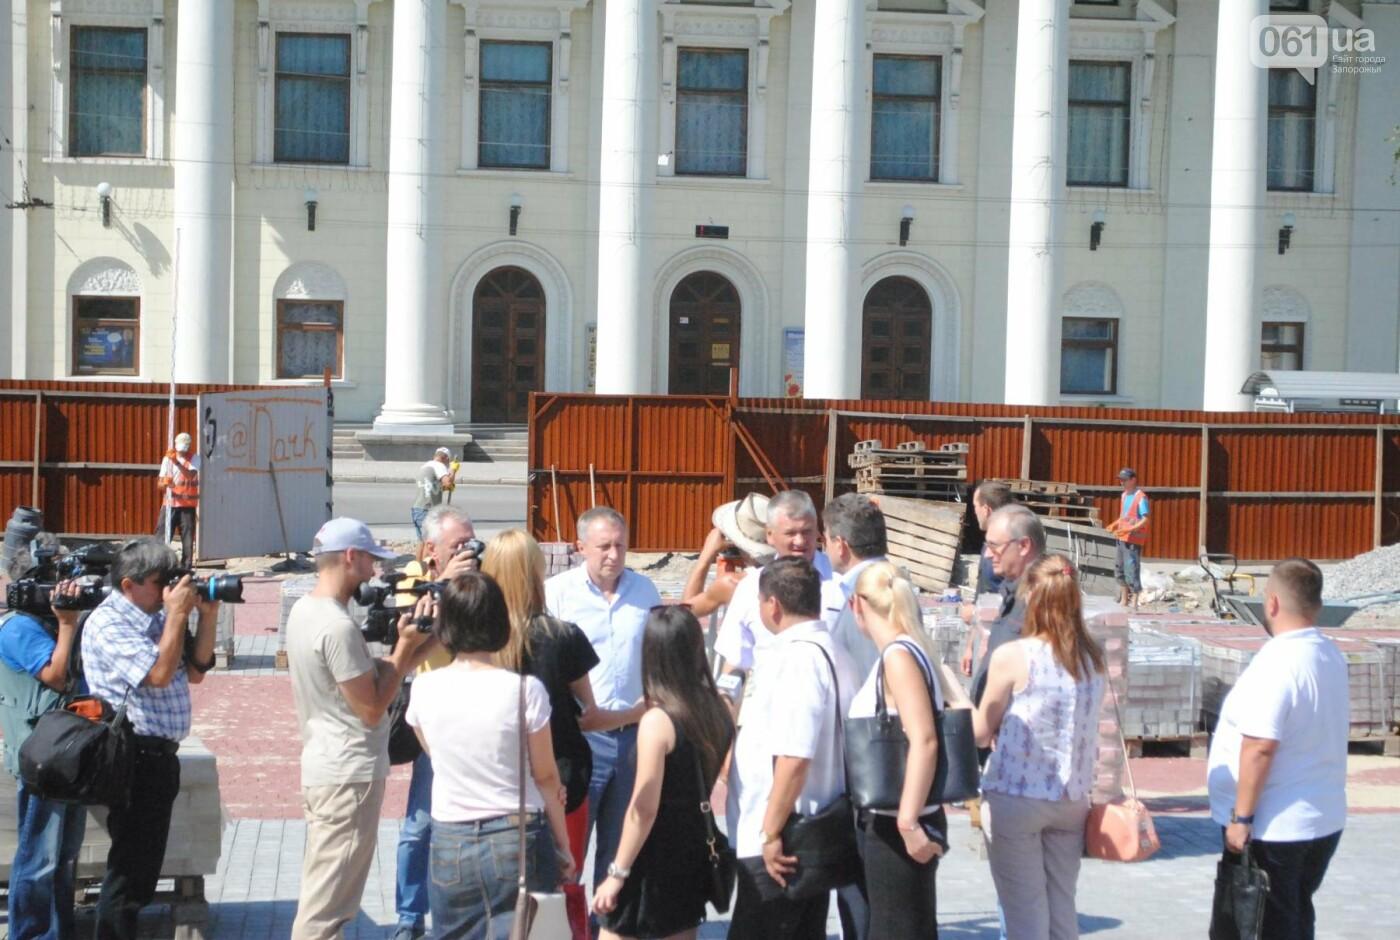 Сквер напротив театра Магара обещают открыть до Дня города, ранее обещали ко Дню Независимости — ФОТОРЕПОРТАЖ, фото-8